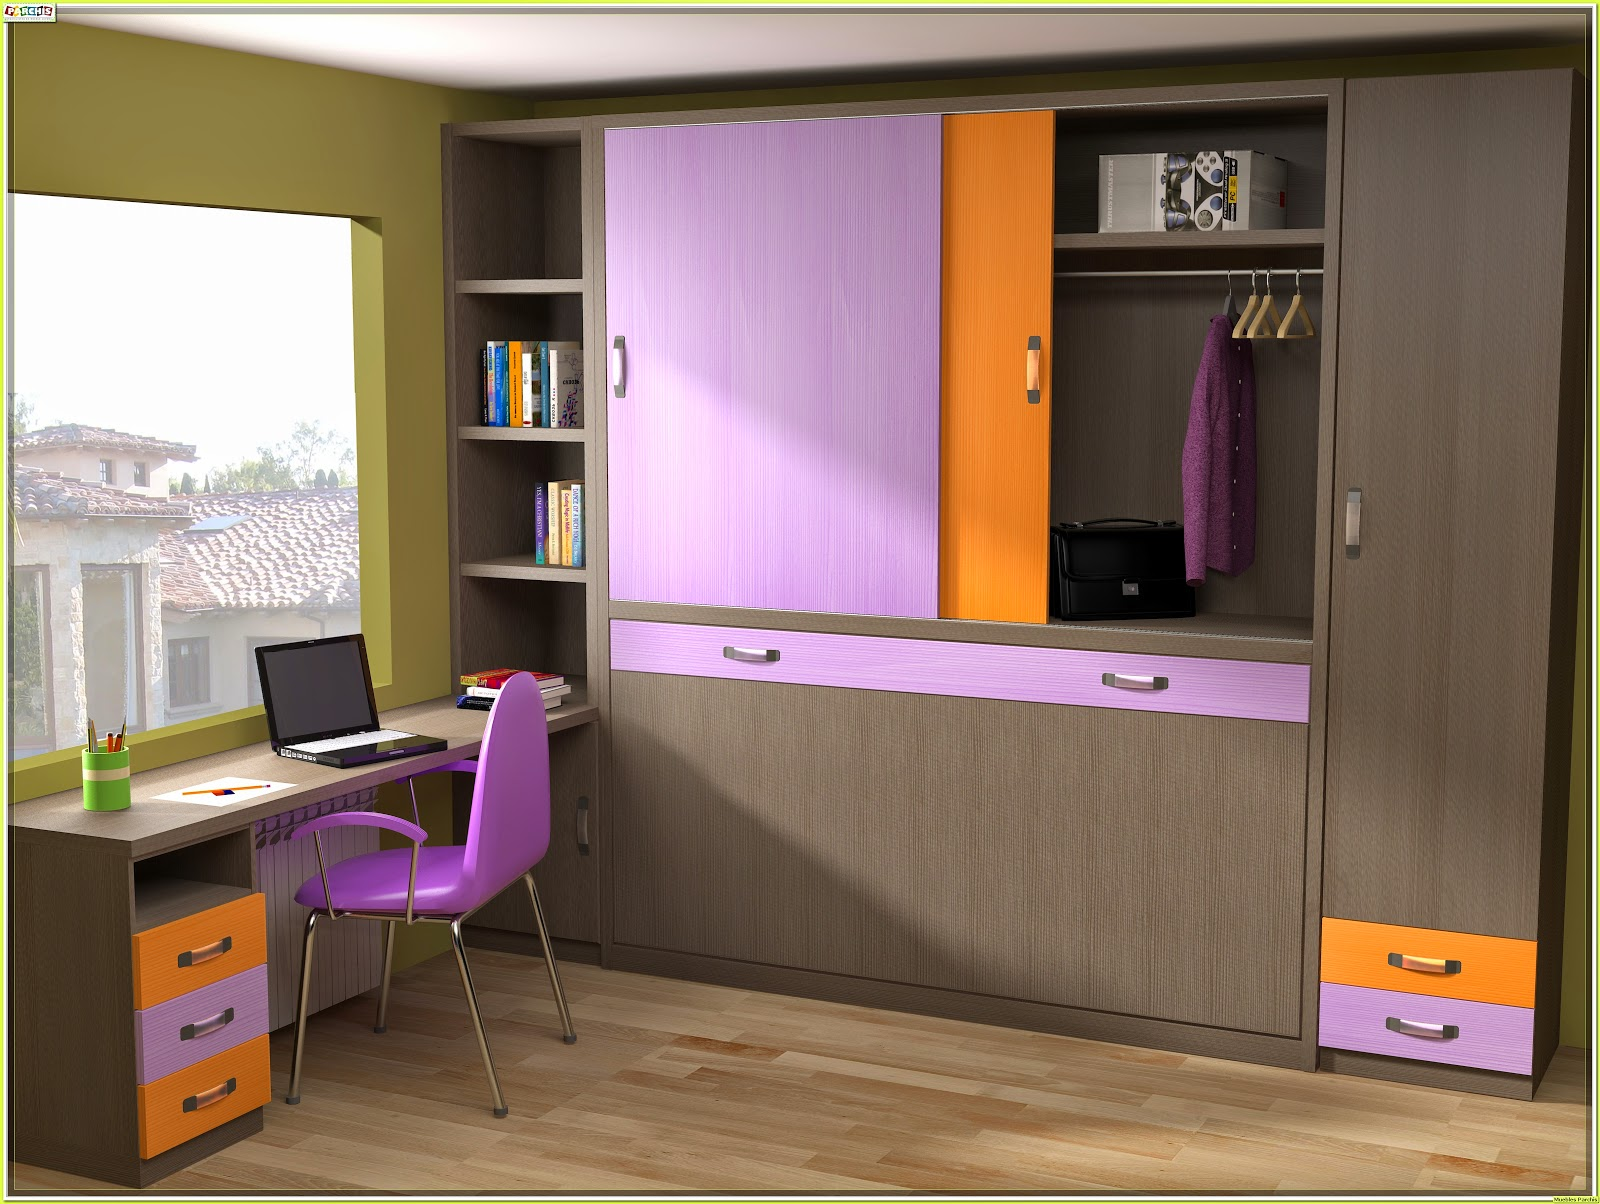 Muebles juveniles dormitorios infantiles y habitaciones - Habitaciones juveniles camas abatibles horizontales ...